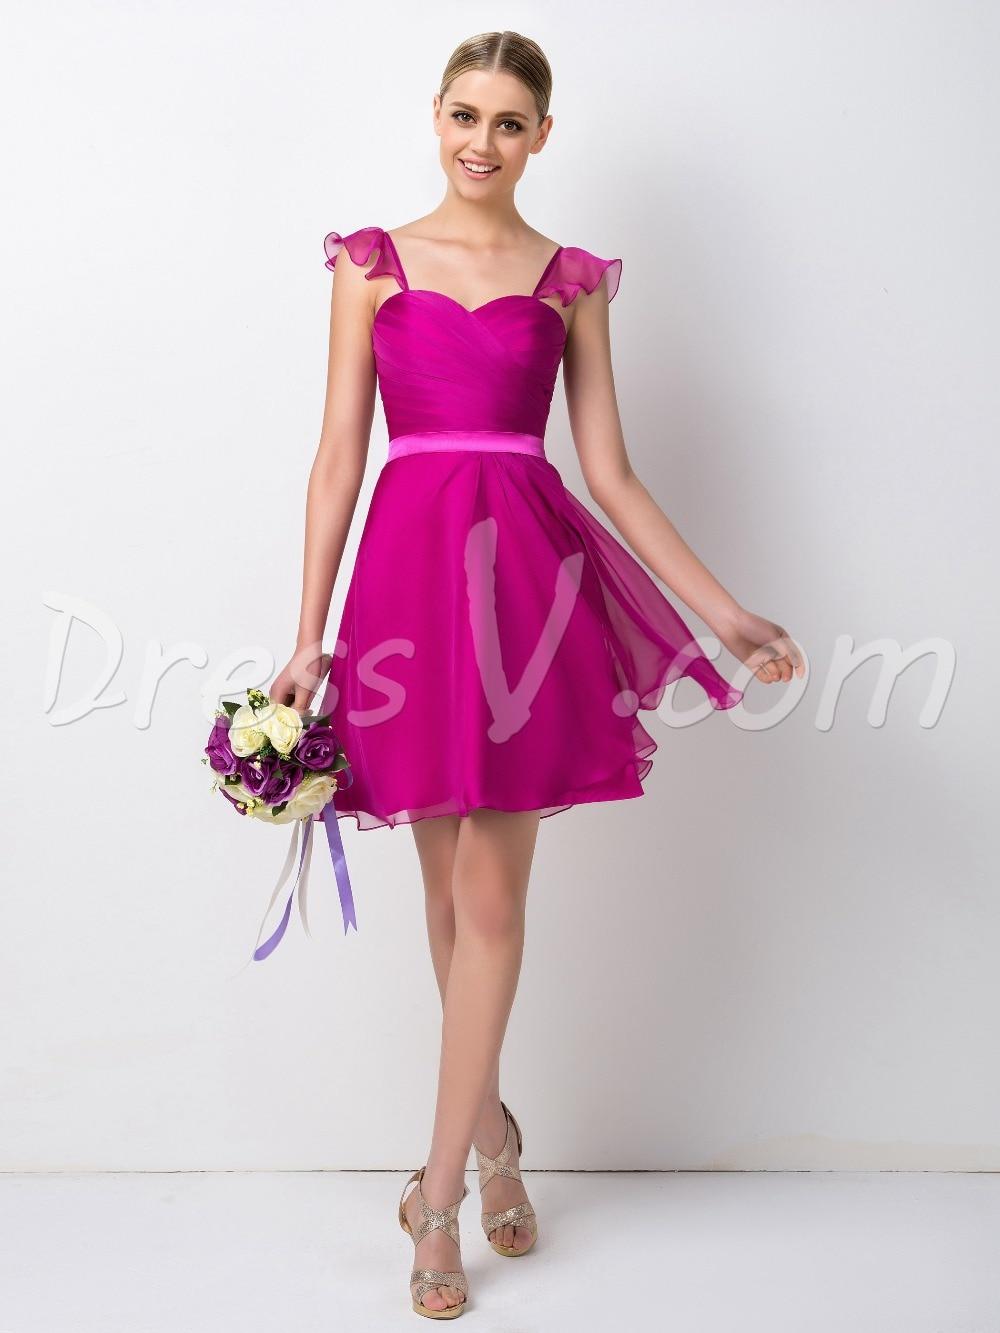 Bonito Vestidos De Dama De Grandes Almacenes Motivo - Colección del ...